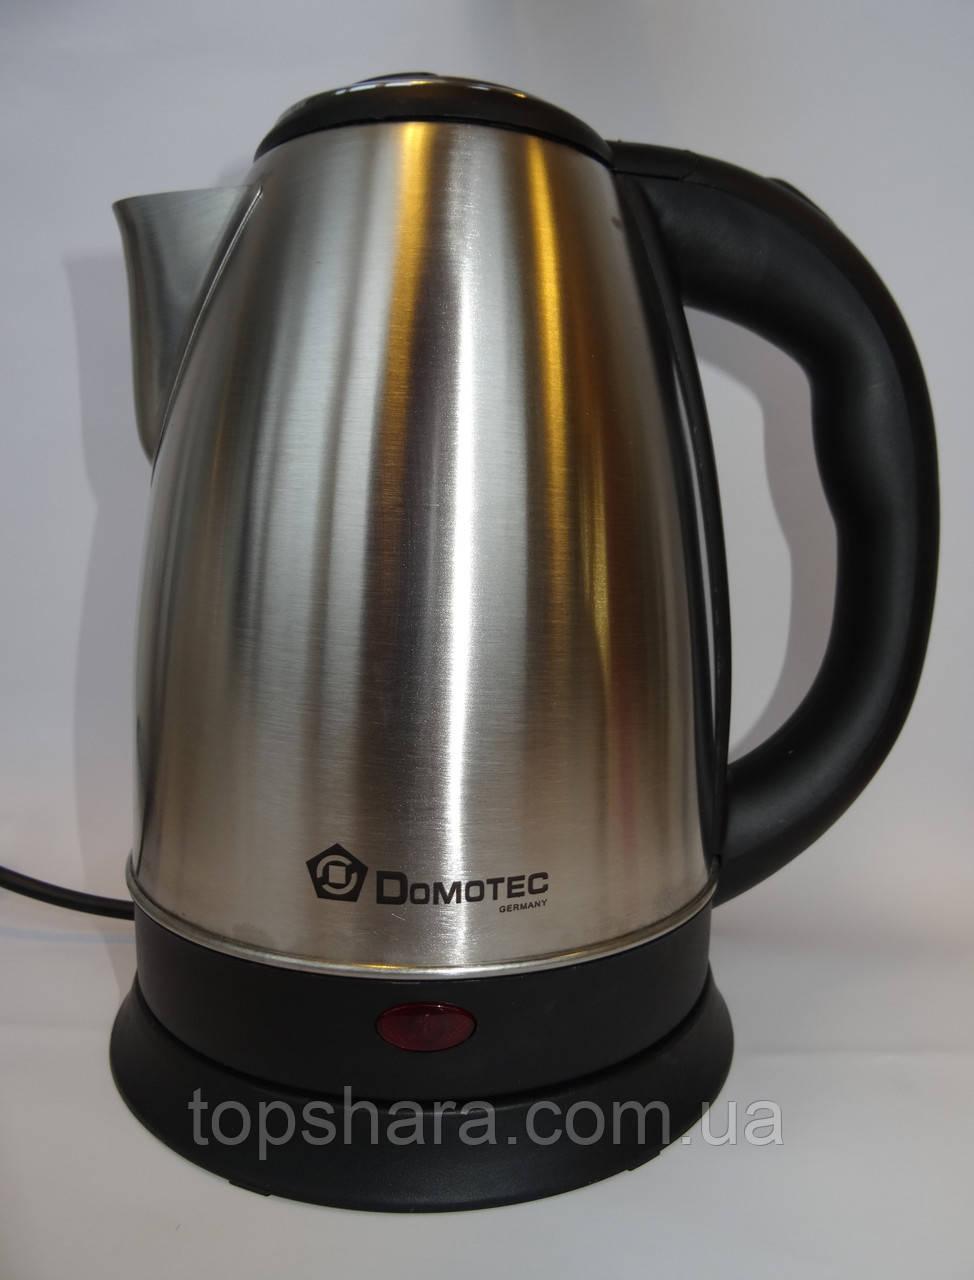 Электрочайник DOMOTEС DT-803 чайник 2.0л. нержавейка